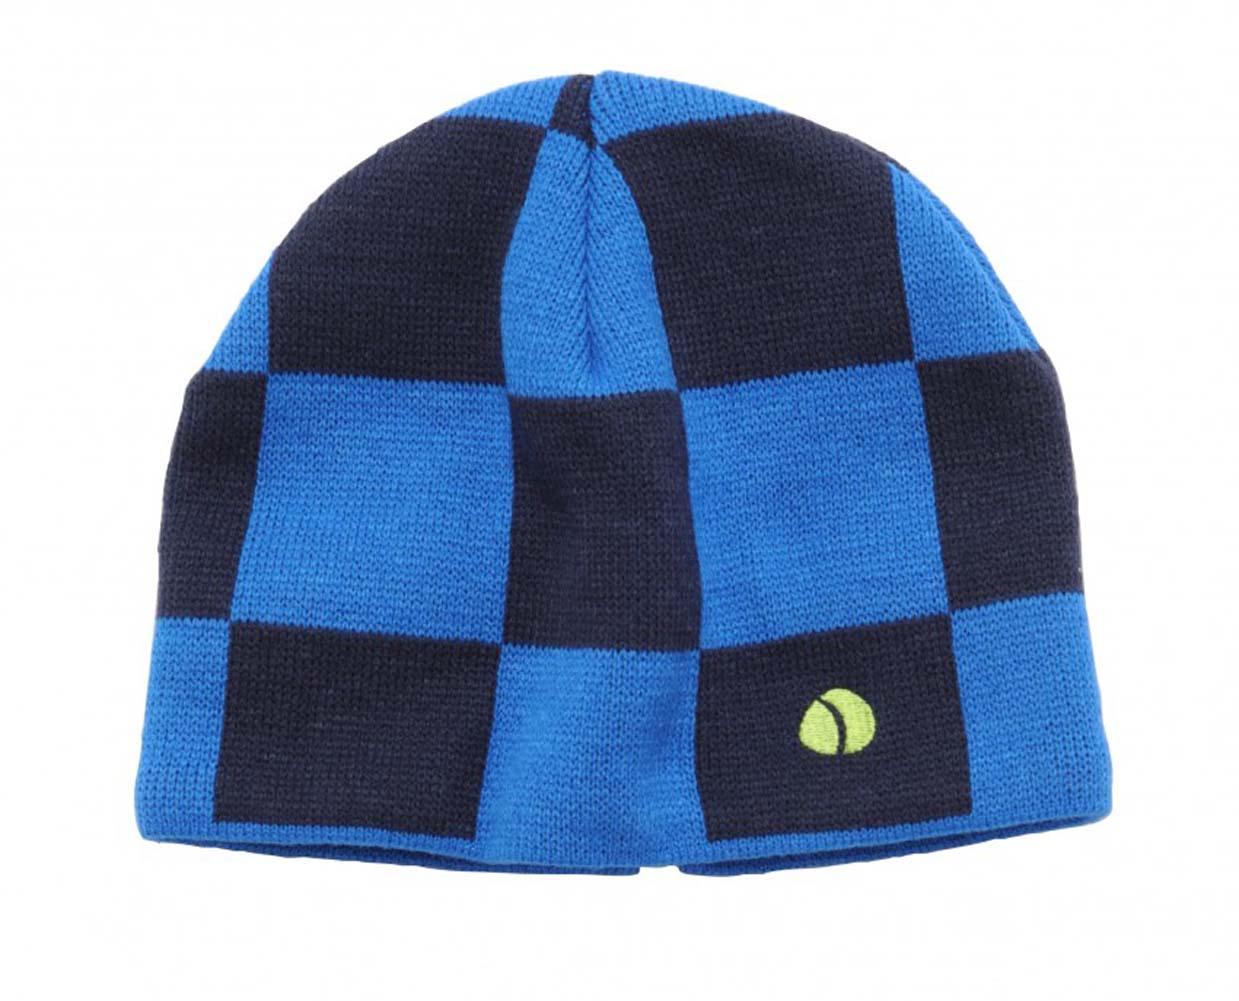 Regatta-Dare2b-Kids-Warm-Thermal-Ski-Winter-Beanie-Cap-Hat-Clearance